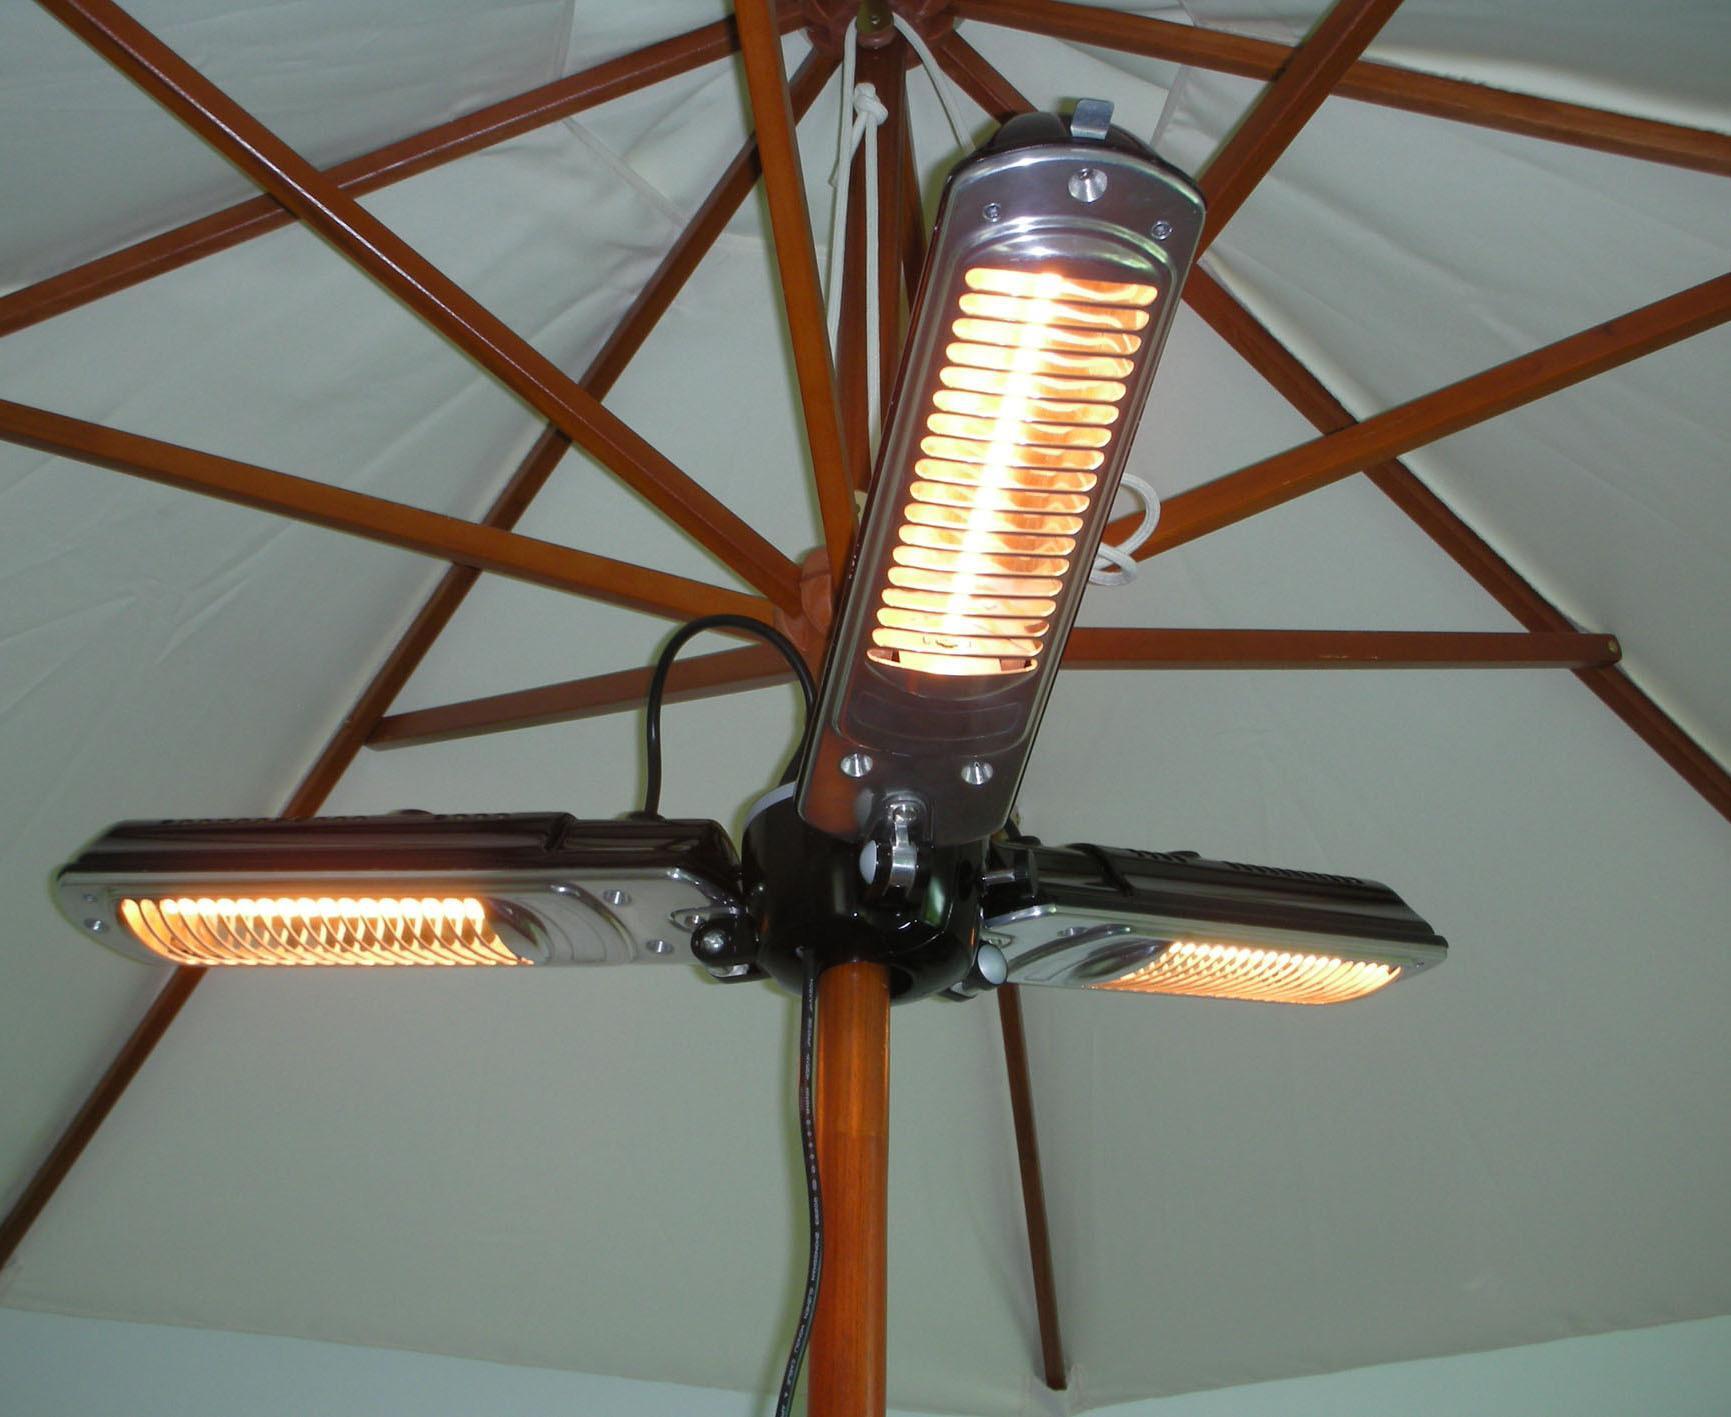 Parasol patio heater patio heater review for Parasol chauffant de table